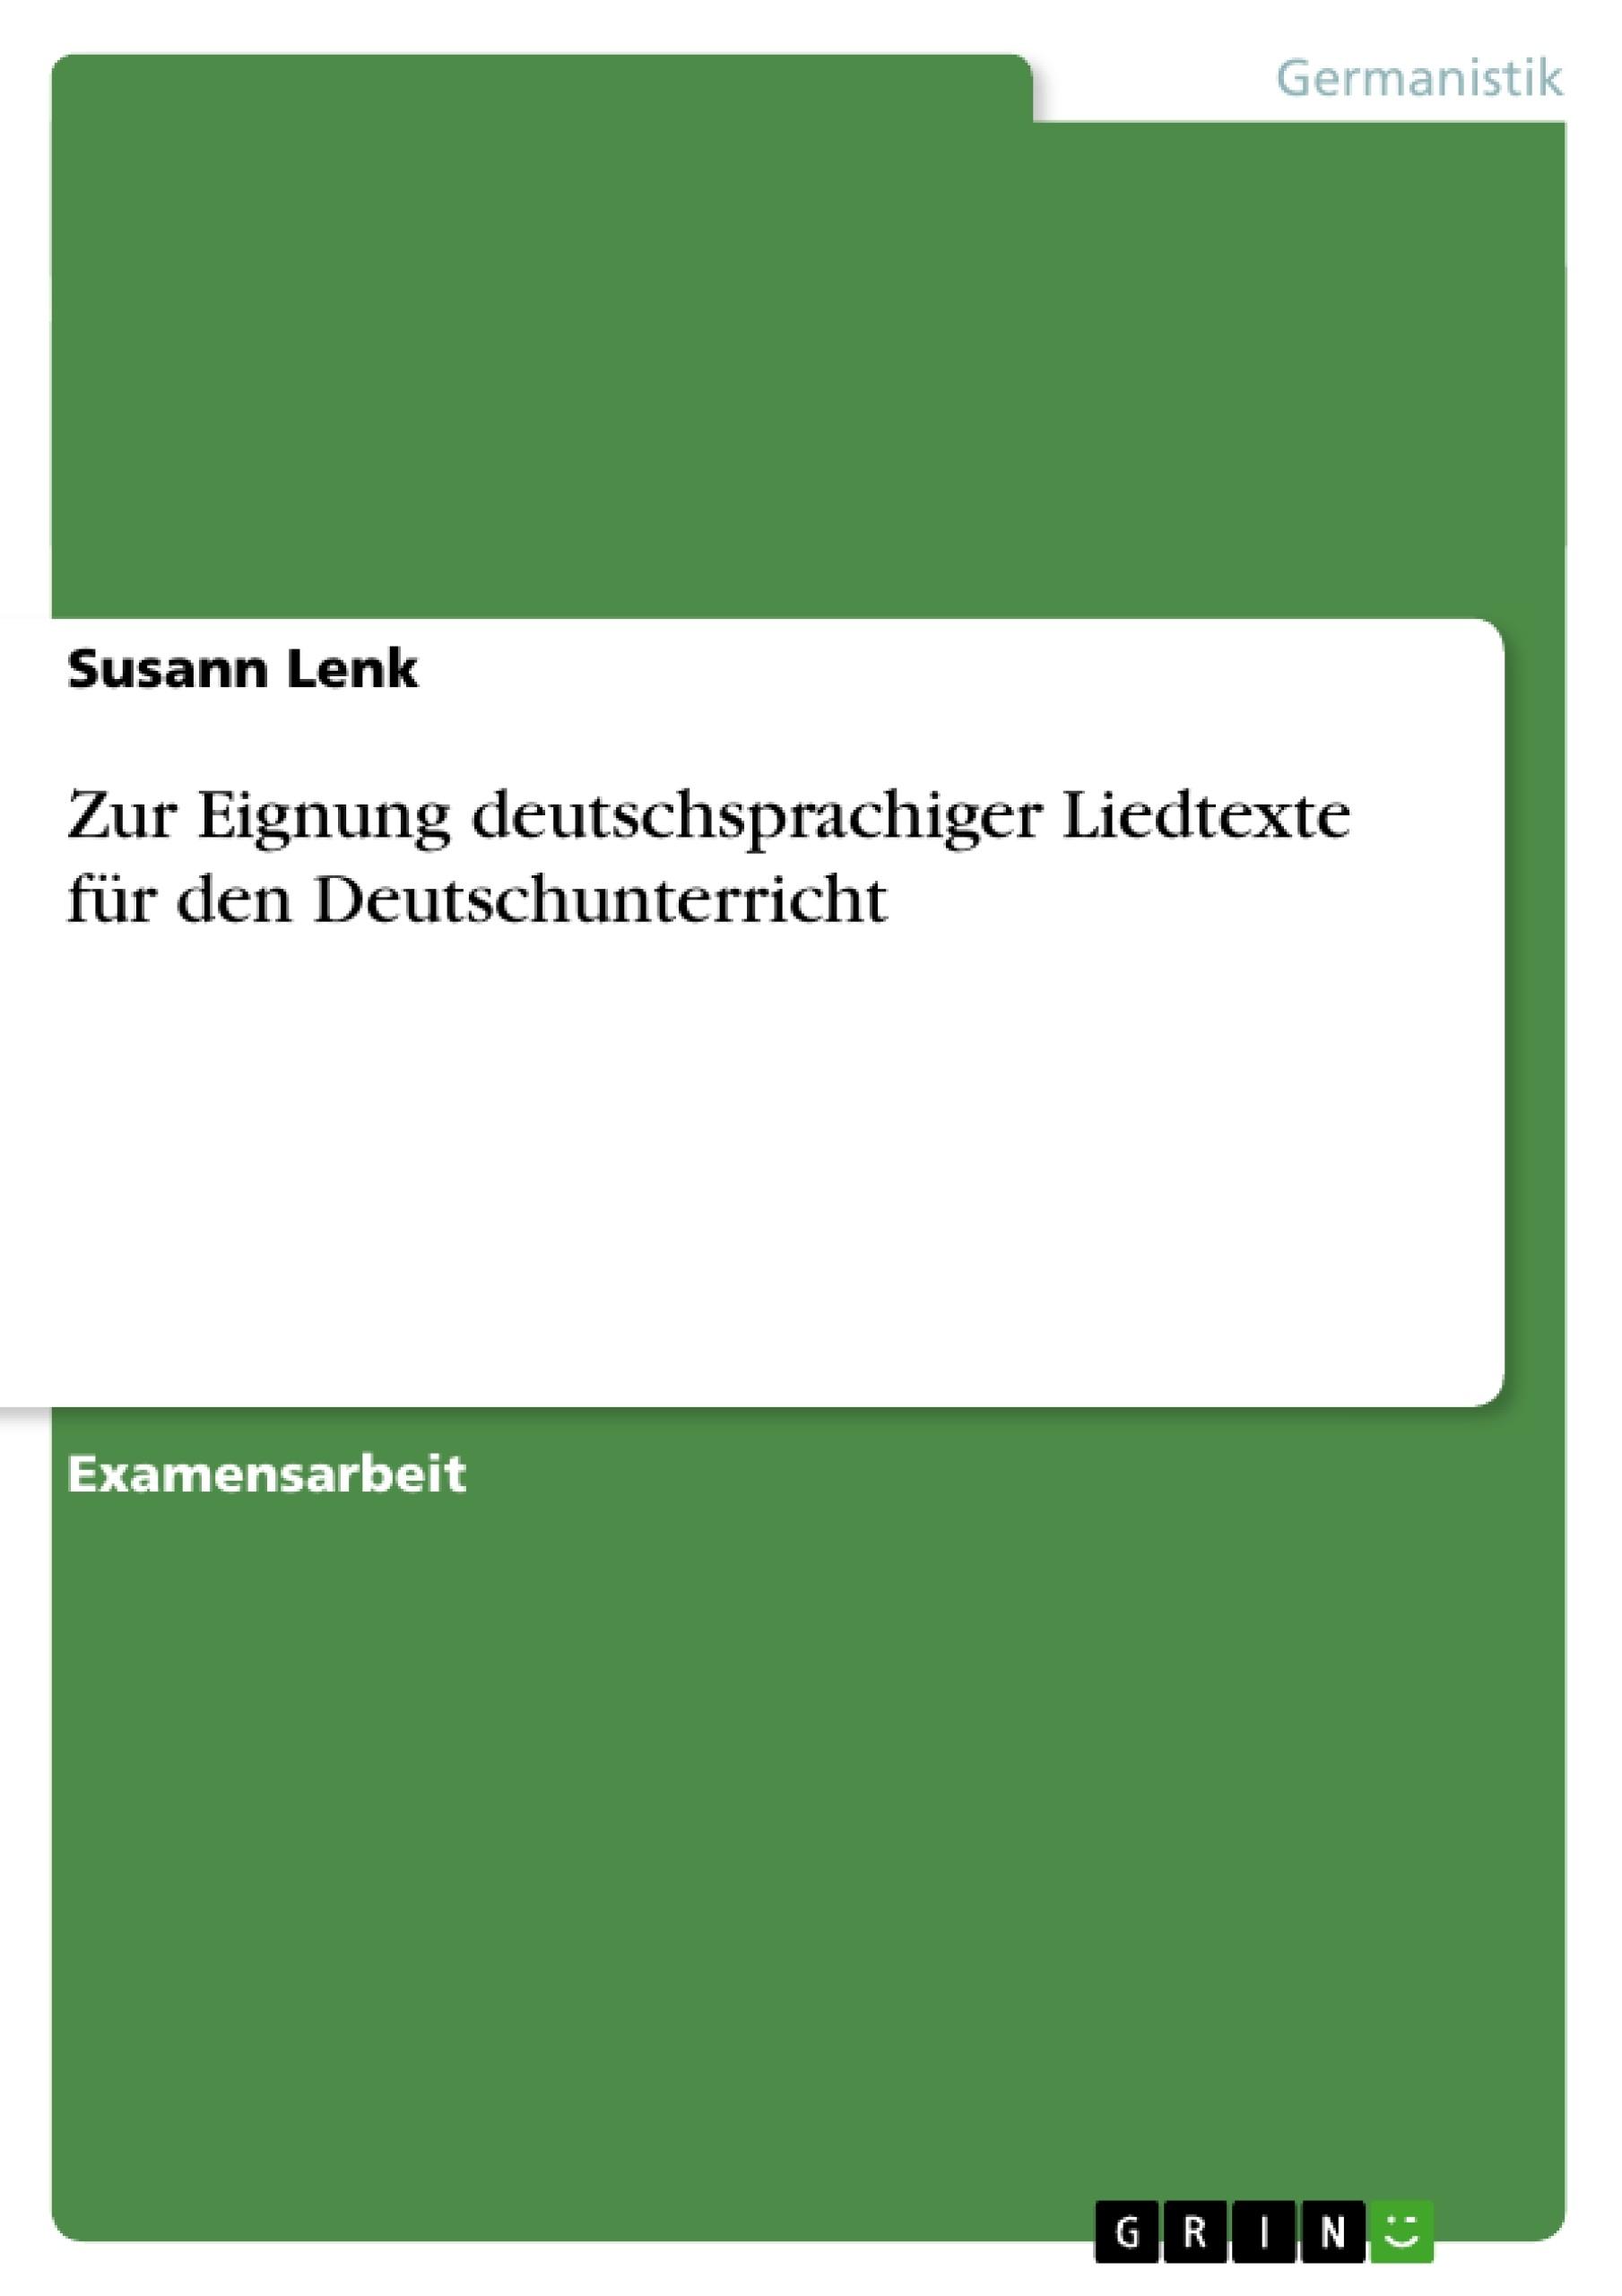 Titel: Zur Eignung deutschsprachiger Liedtexte für den Deutschunterricht